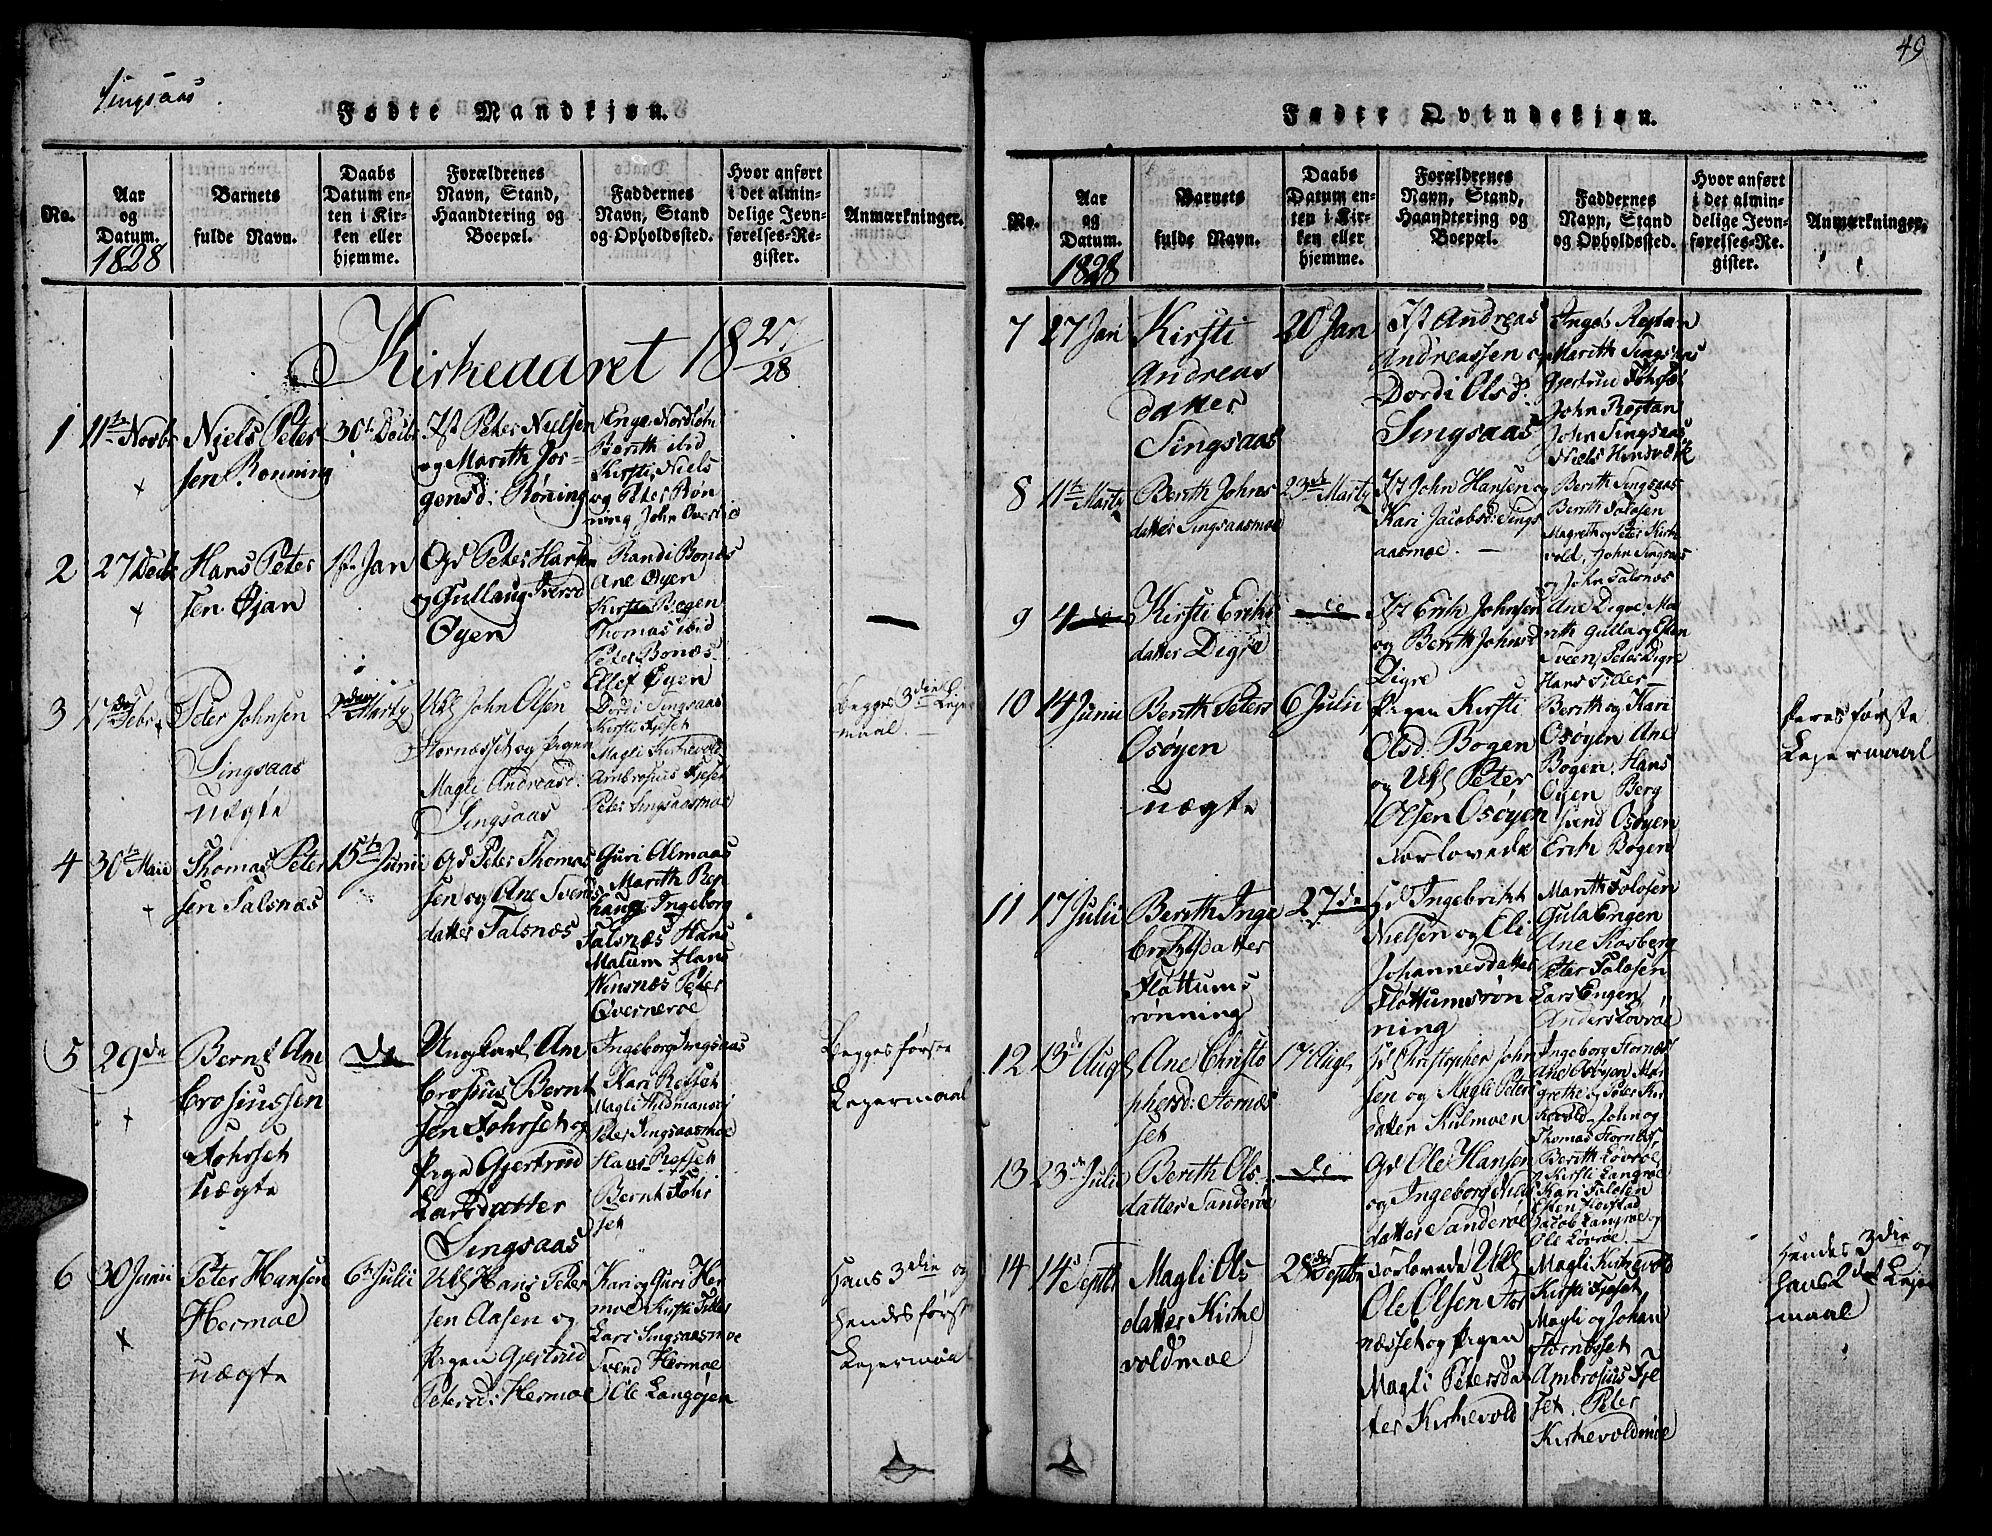 SAT, Ministerialprotokoller, klokkerbøker og fødselsregistre - Sør-Trøndelag, 685/L0955: Ministerialbok nr. 685A03 /2, 1817-1829, s. 49